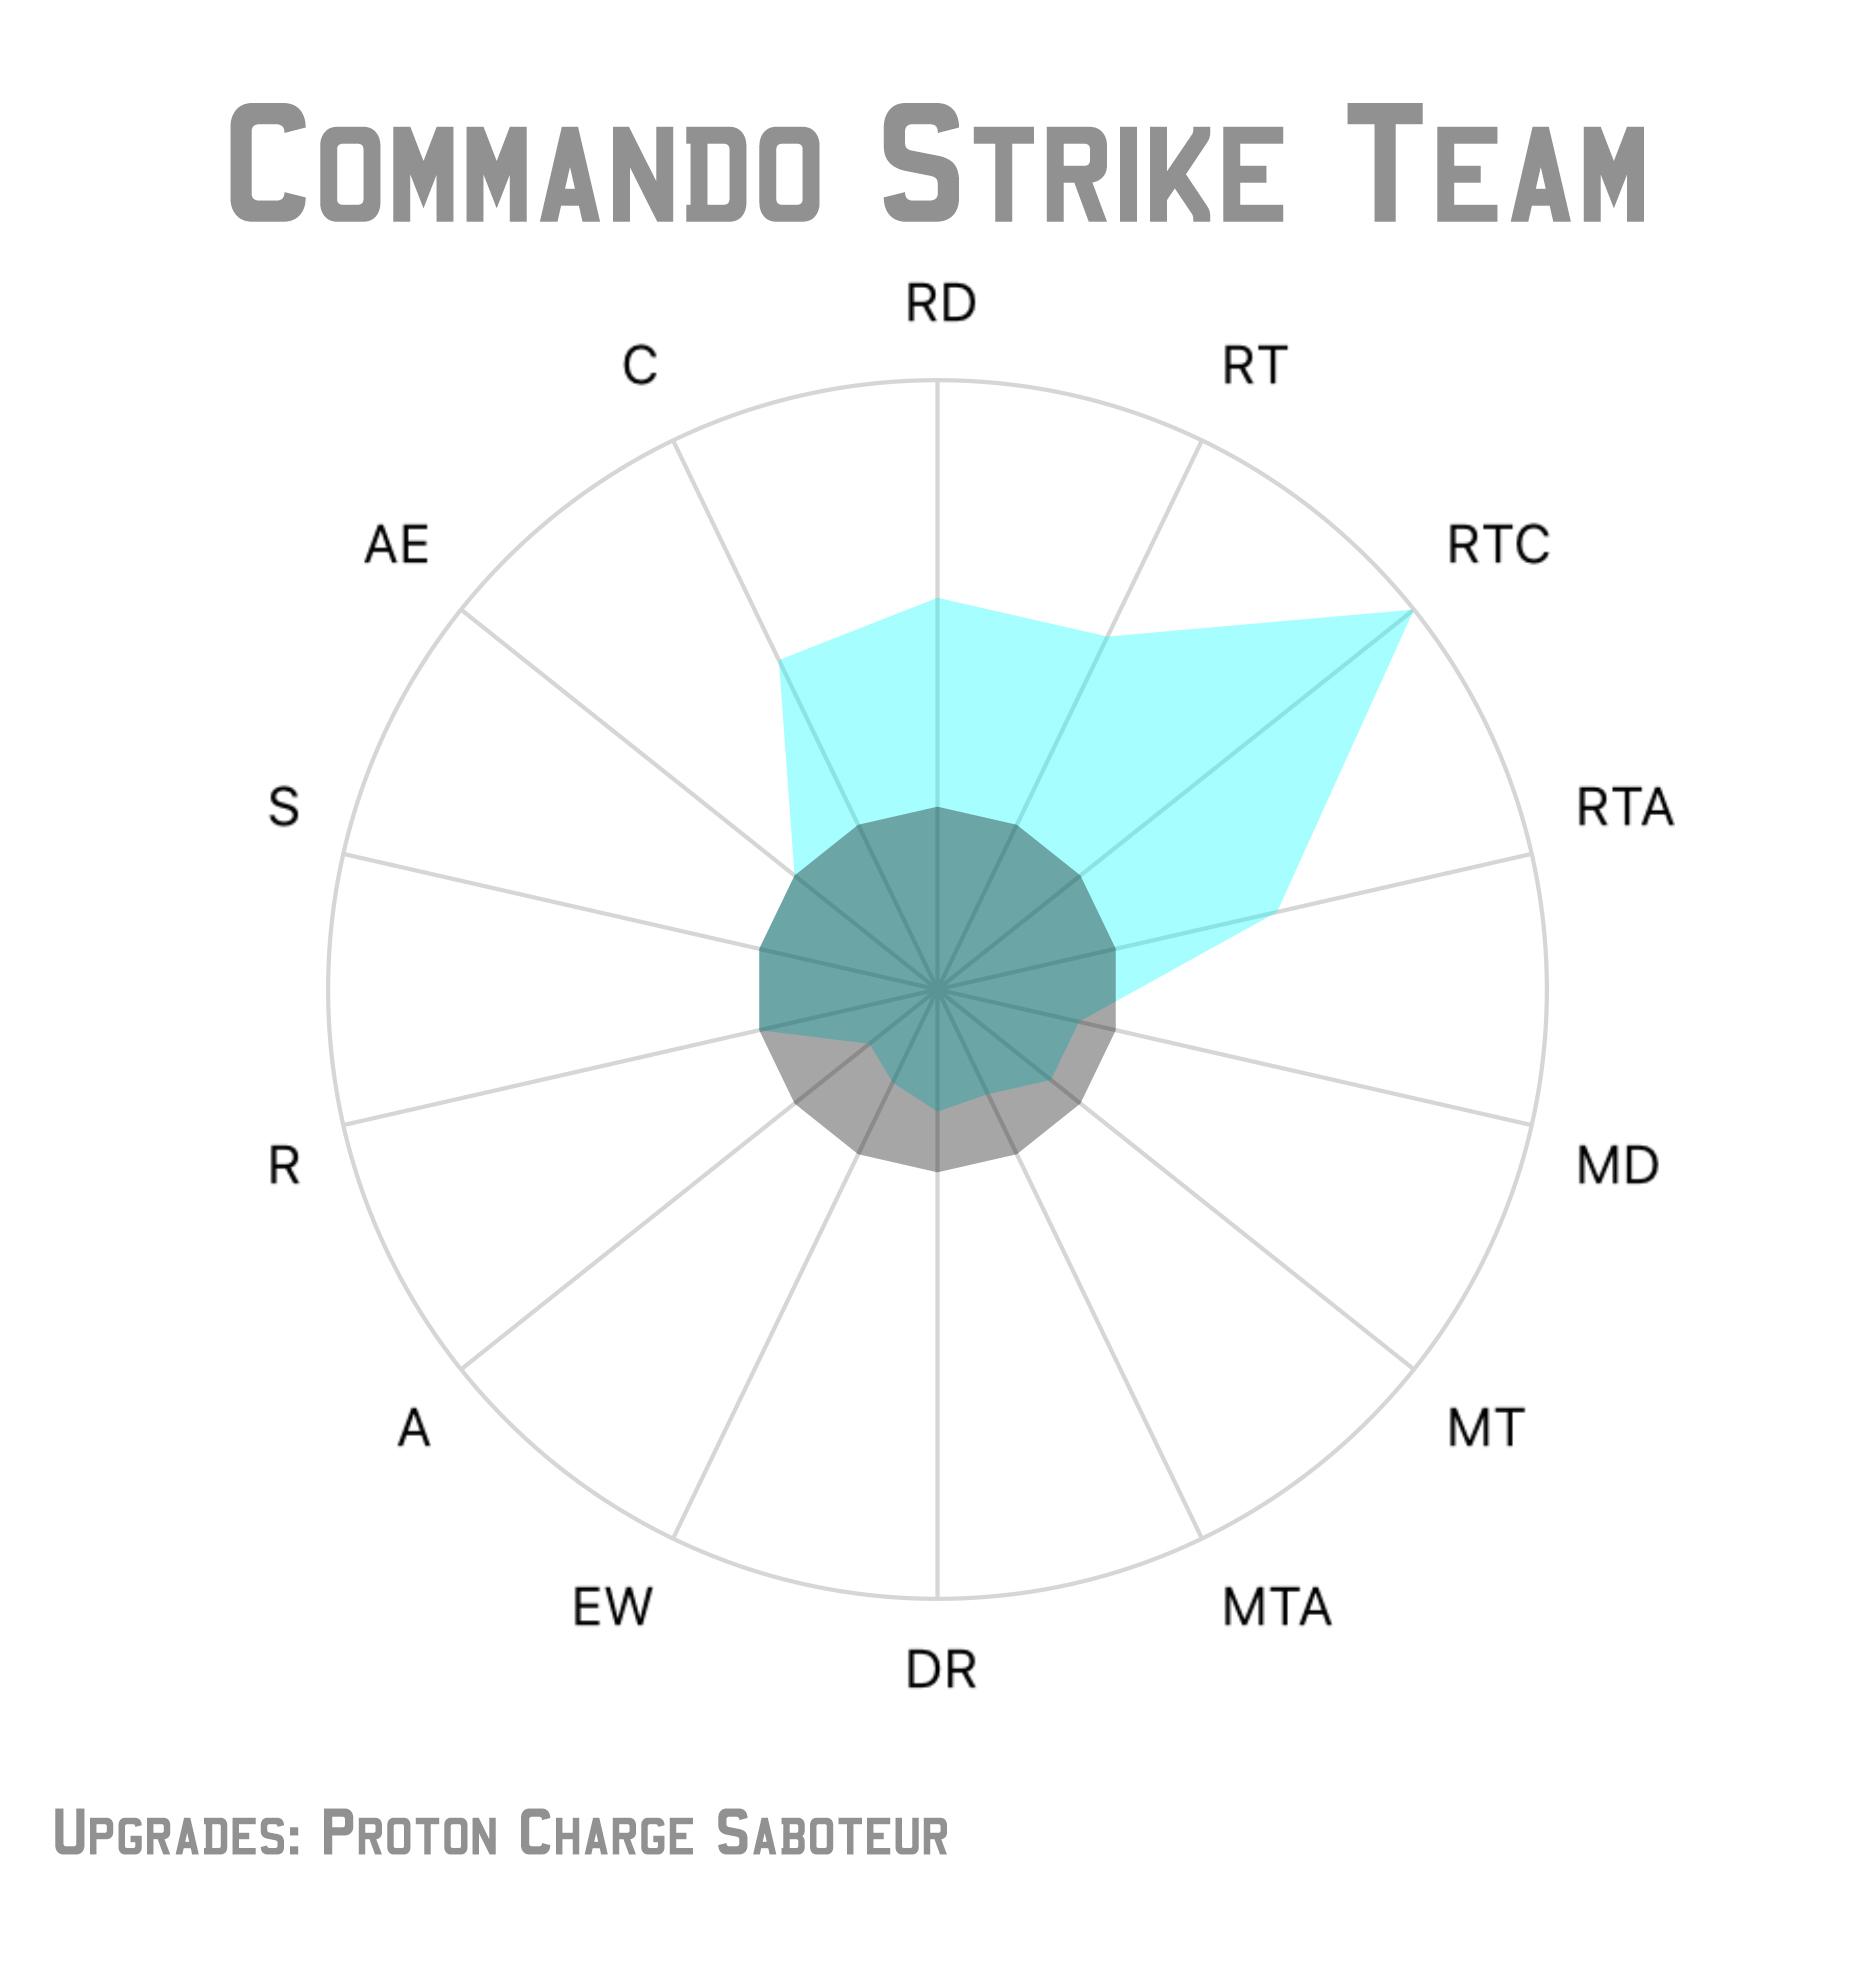 striketeam_sab.jpg